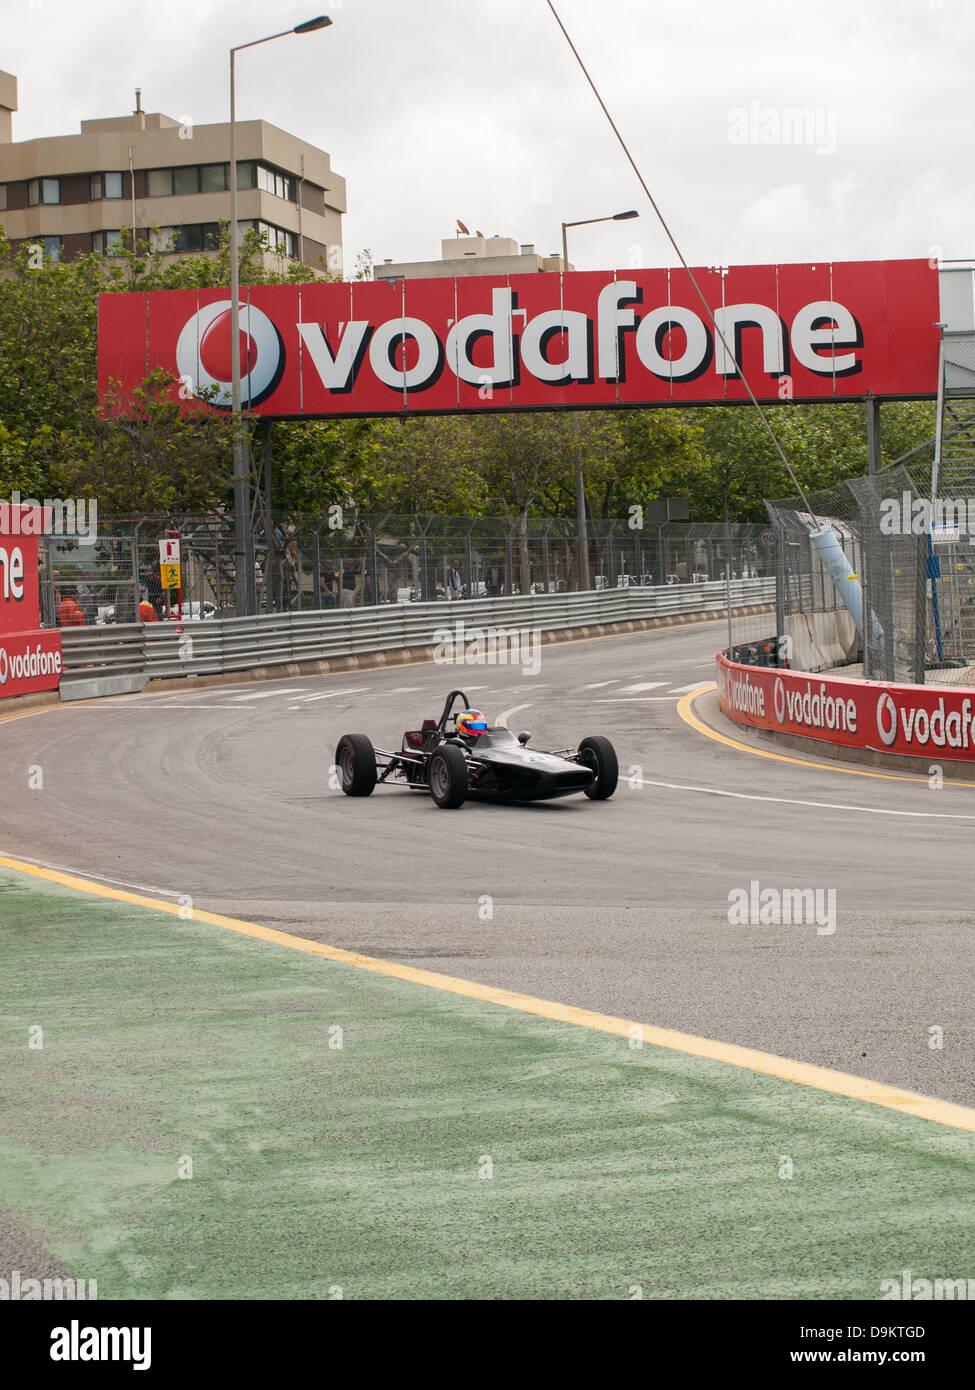 Oporto, Portugal, 21st june 2013, Circuito da Boavista - Historic Grand Prix 2013 - Formule Ford 1 Historic France, - Stock Image